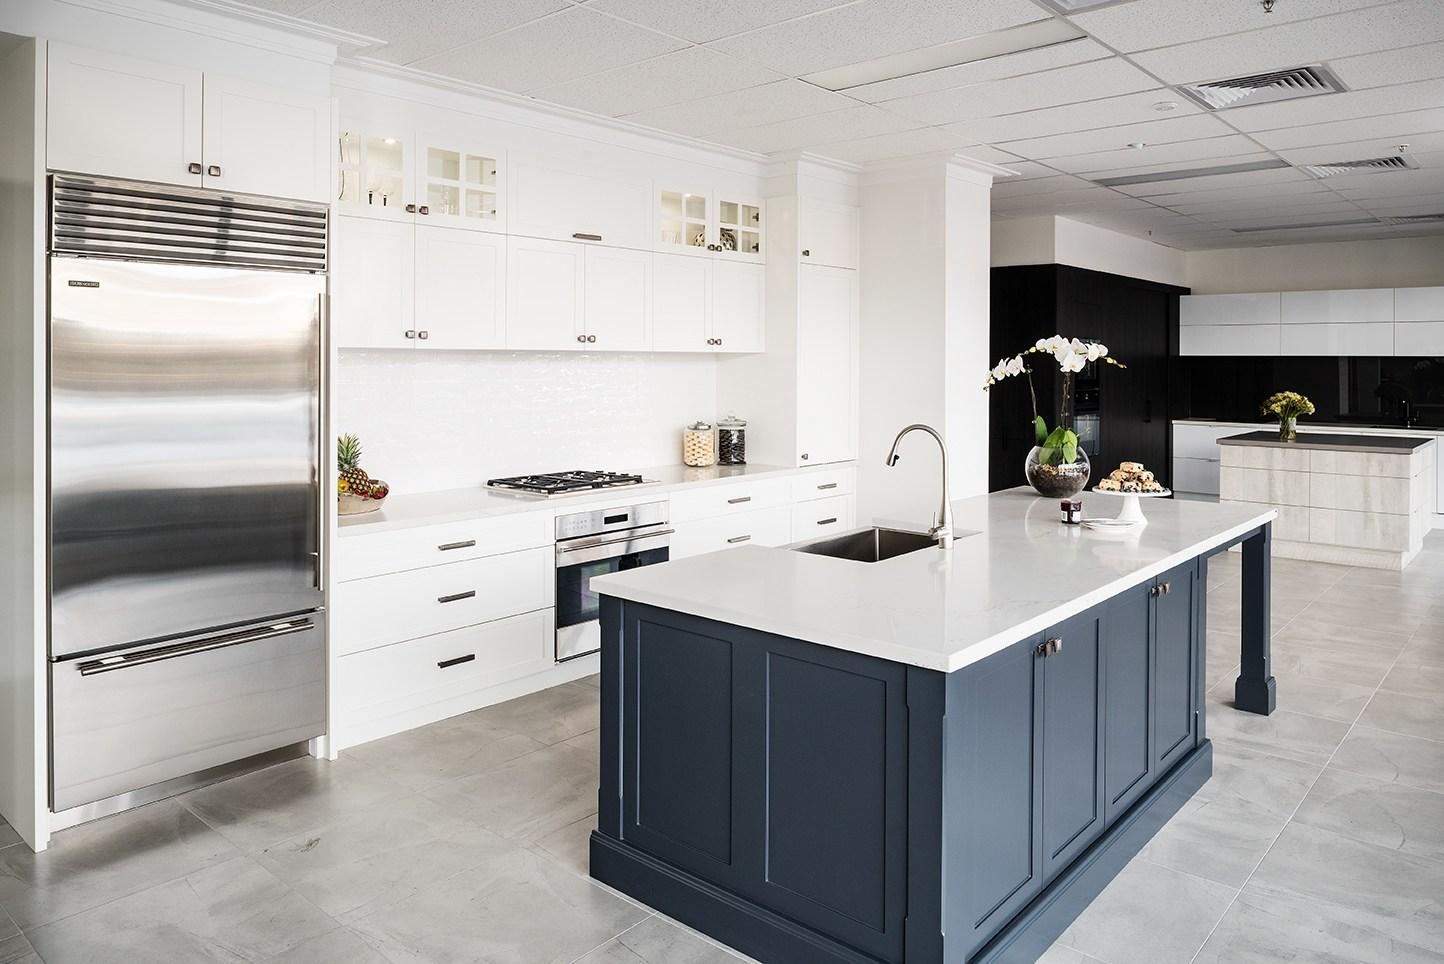 kitchen-essendon-showroom-6.jpg